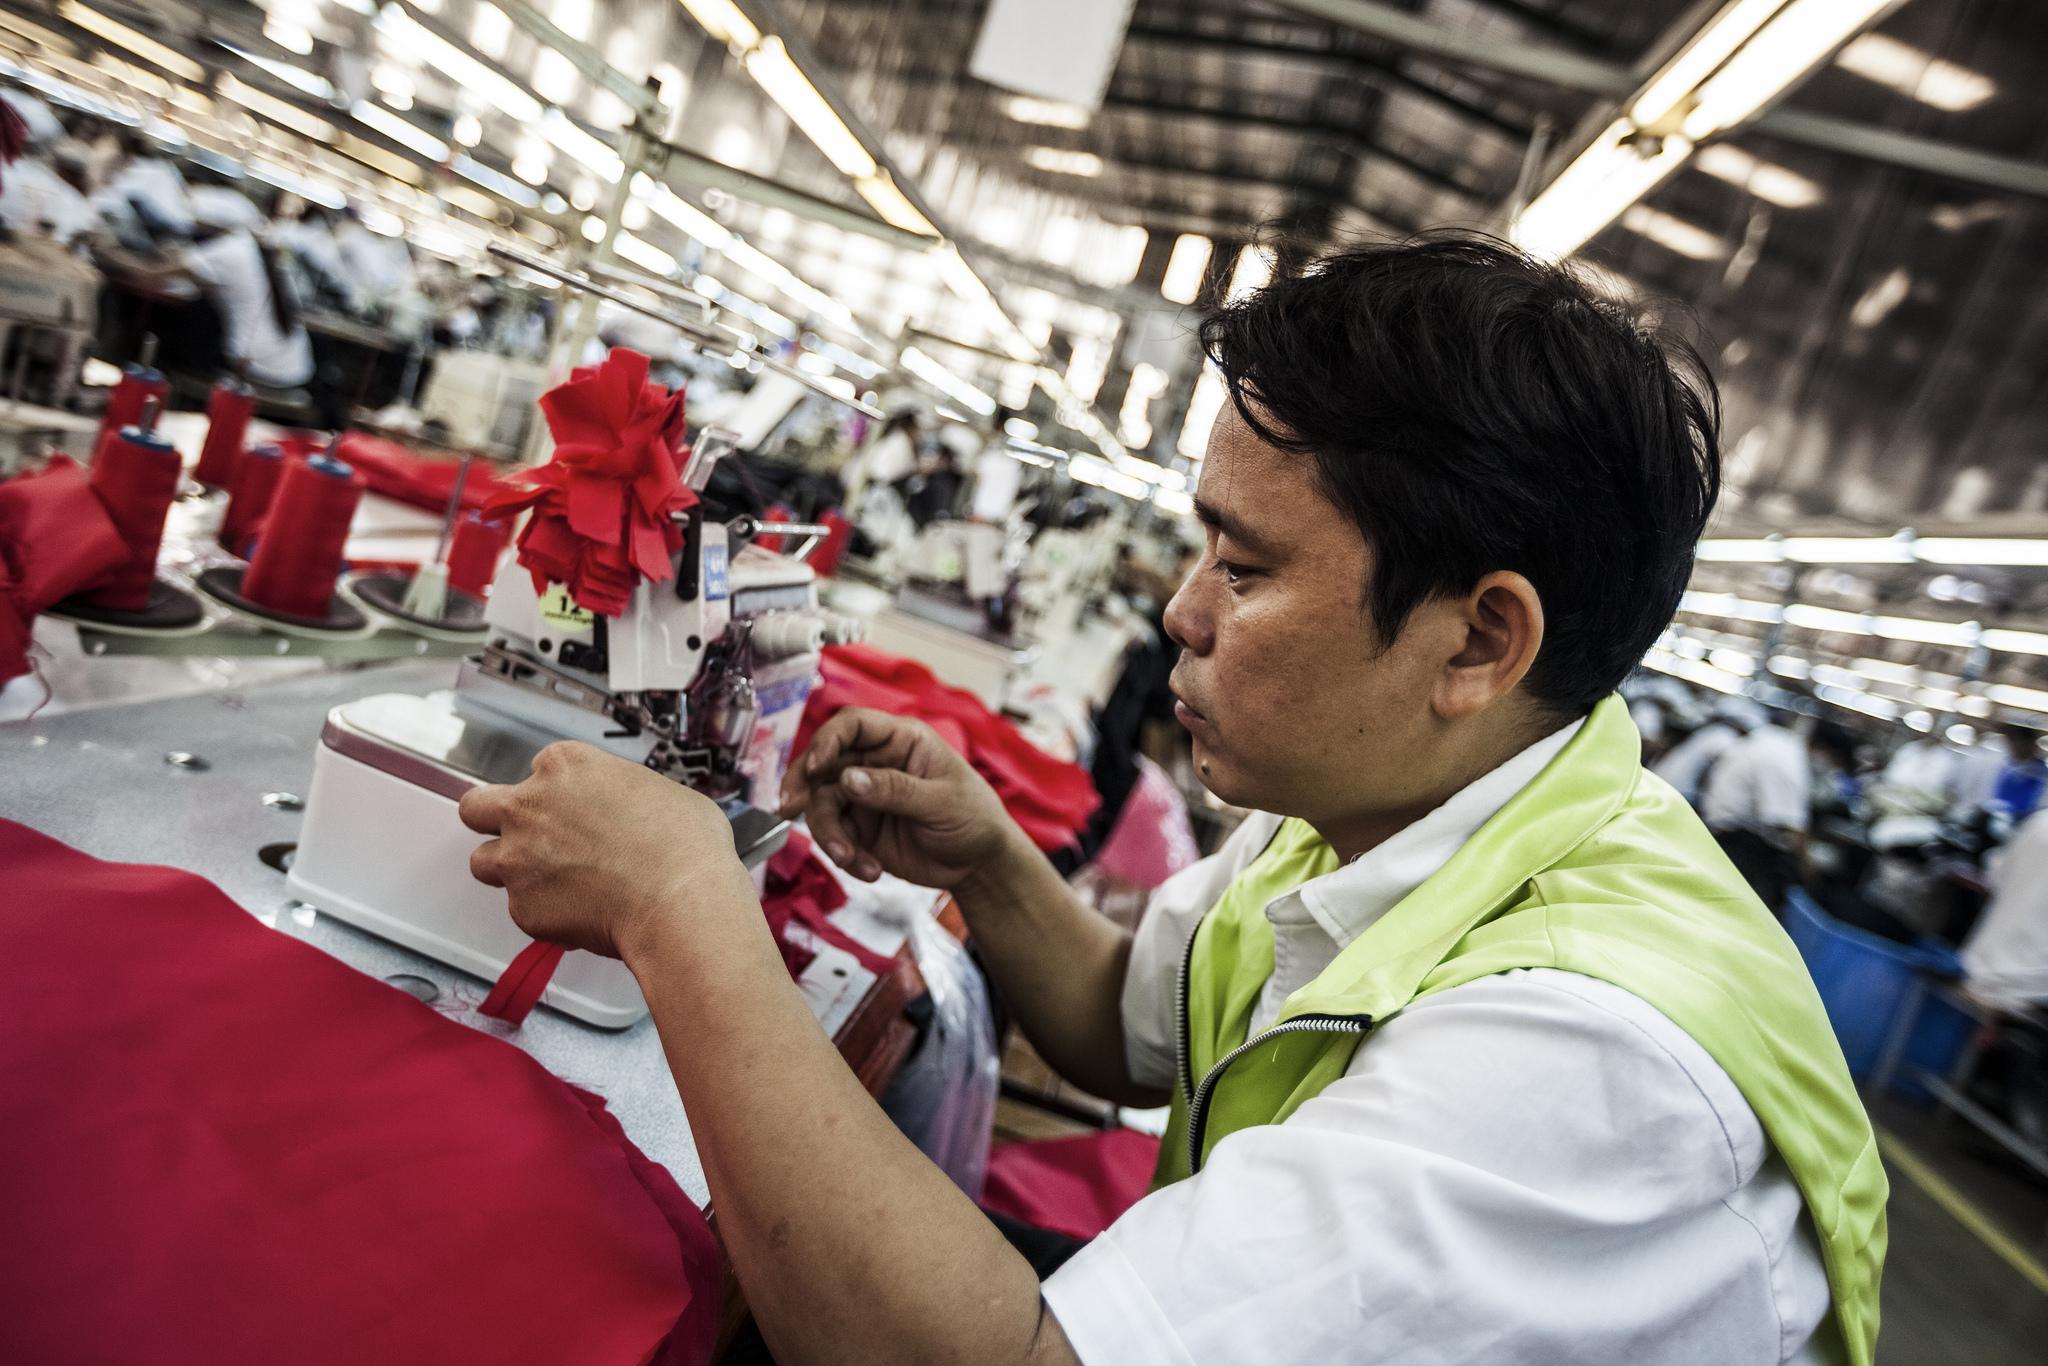 Le ministre du Développement allemand, Gerd Müller, améliorer les conditions de travail dans les pays en voie de développement dans le secteur du prêt-à-porter. [ILO/Aaron Santos]